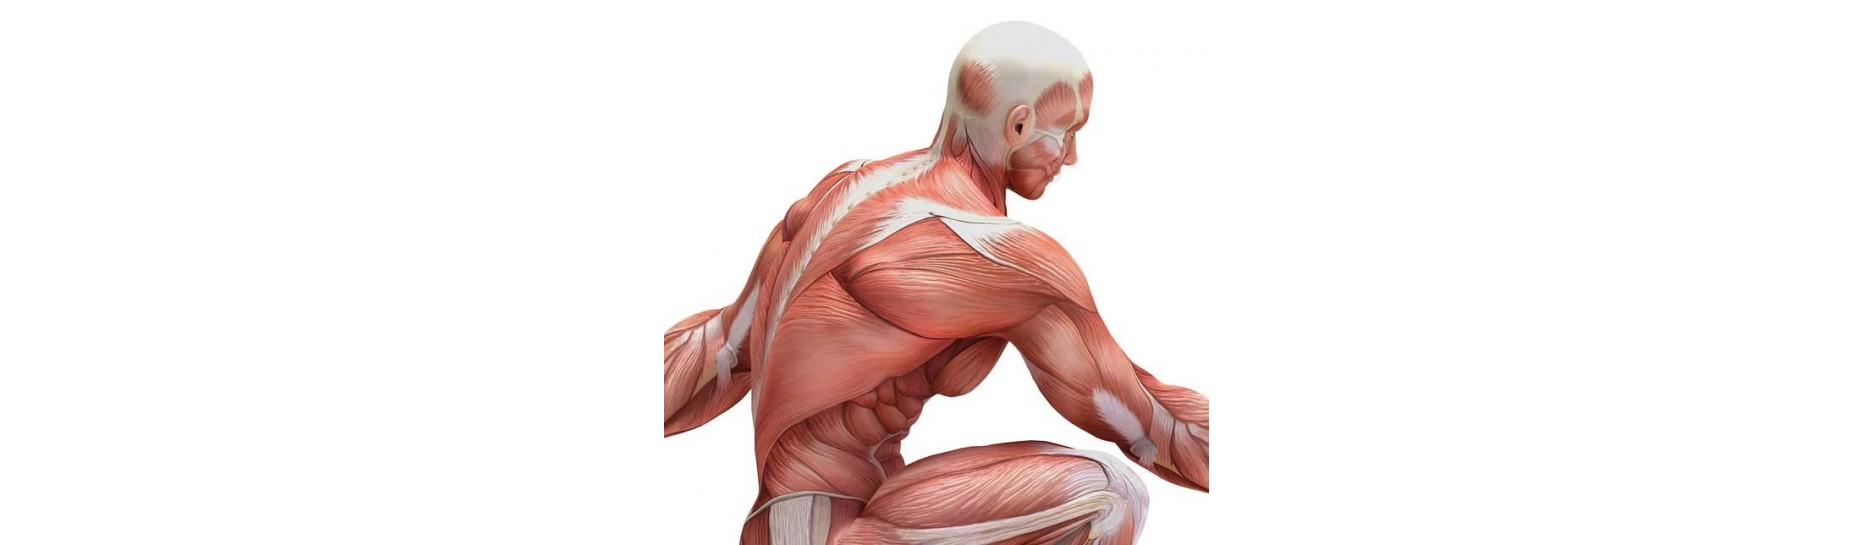 Aumentare la massa muscolare: Tutti i prodotti per sportivi per lo sviluppo della muscolatura.